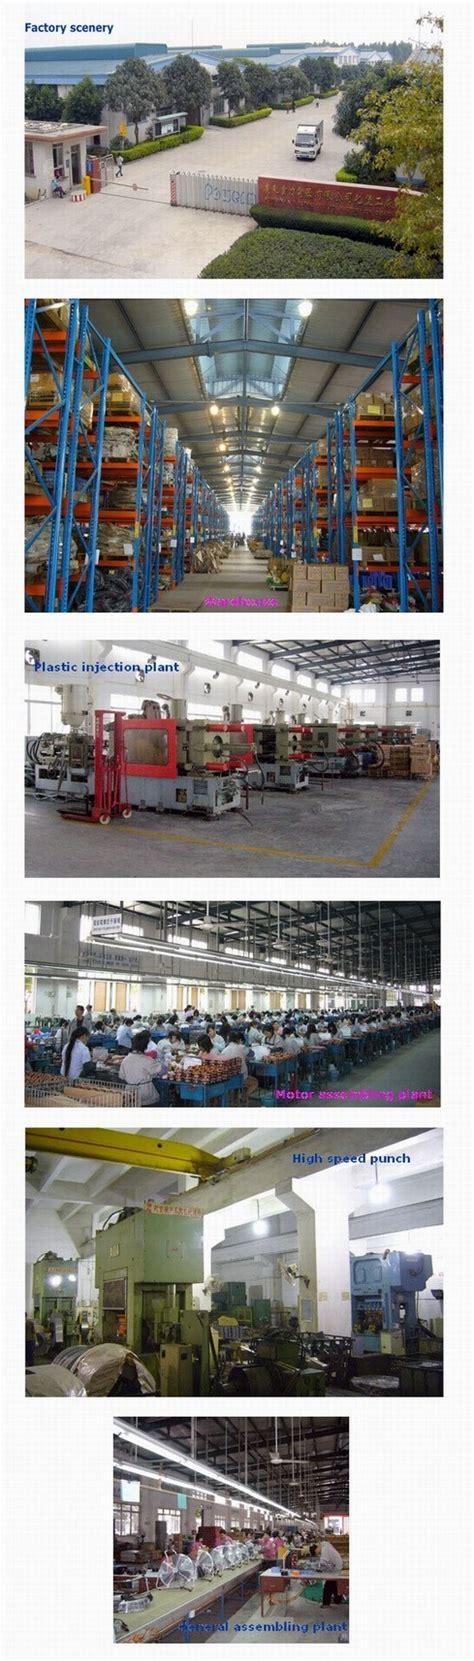 Low Watt Electric Fan Usb Small Manufacturers In Lulusosocom